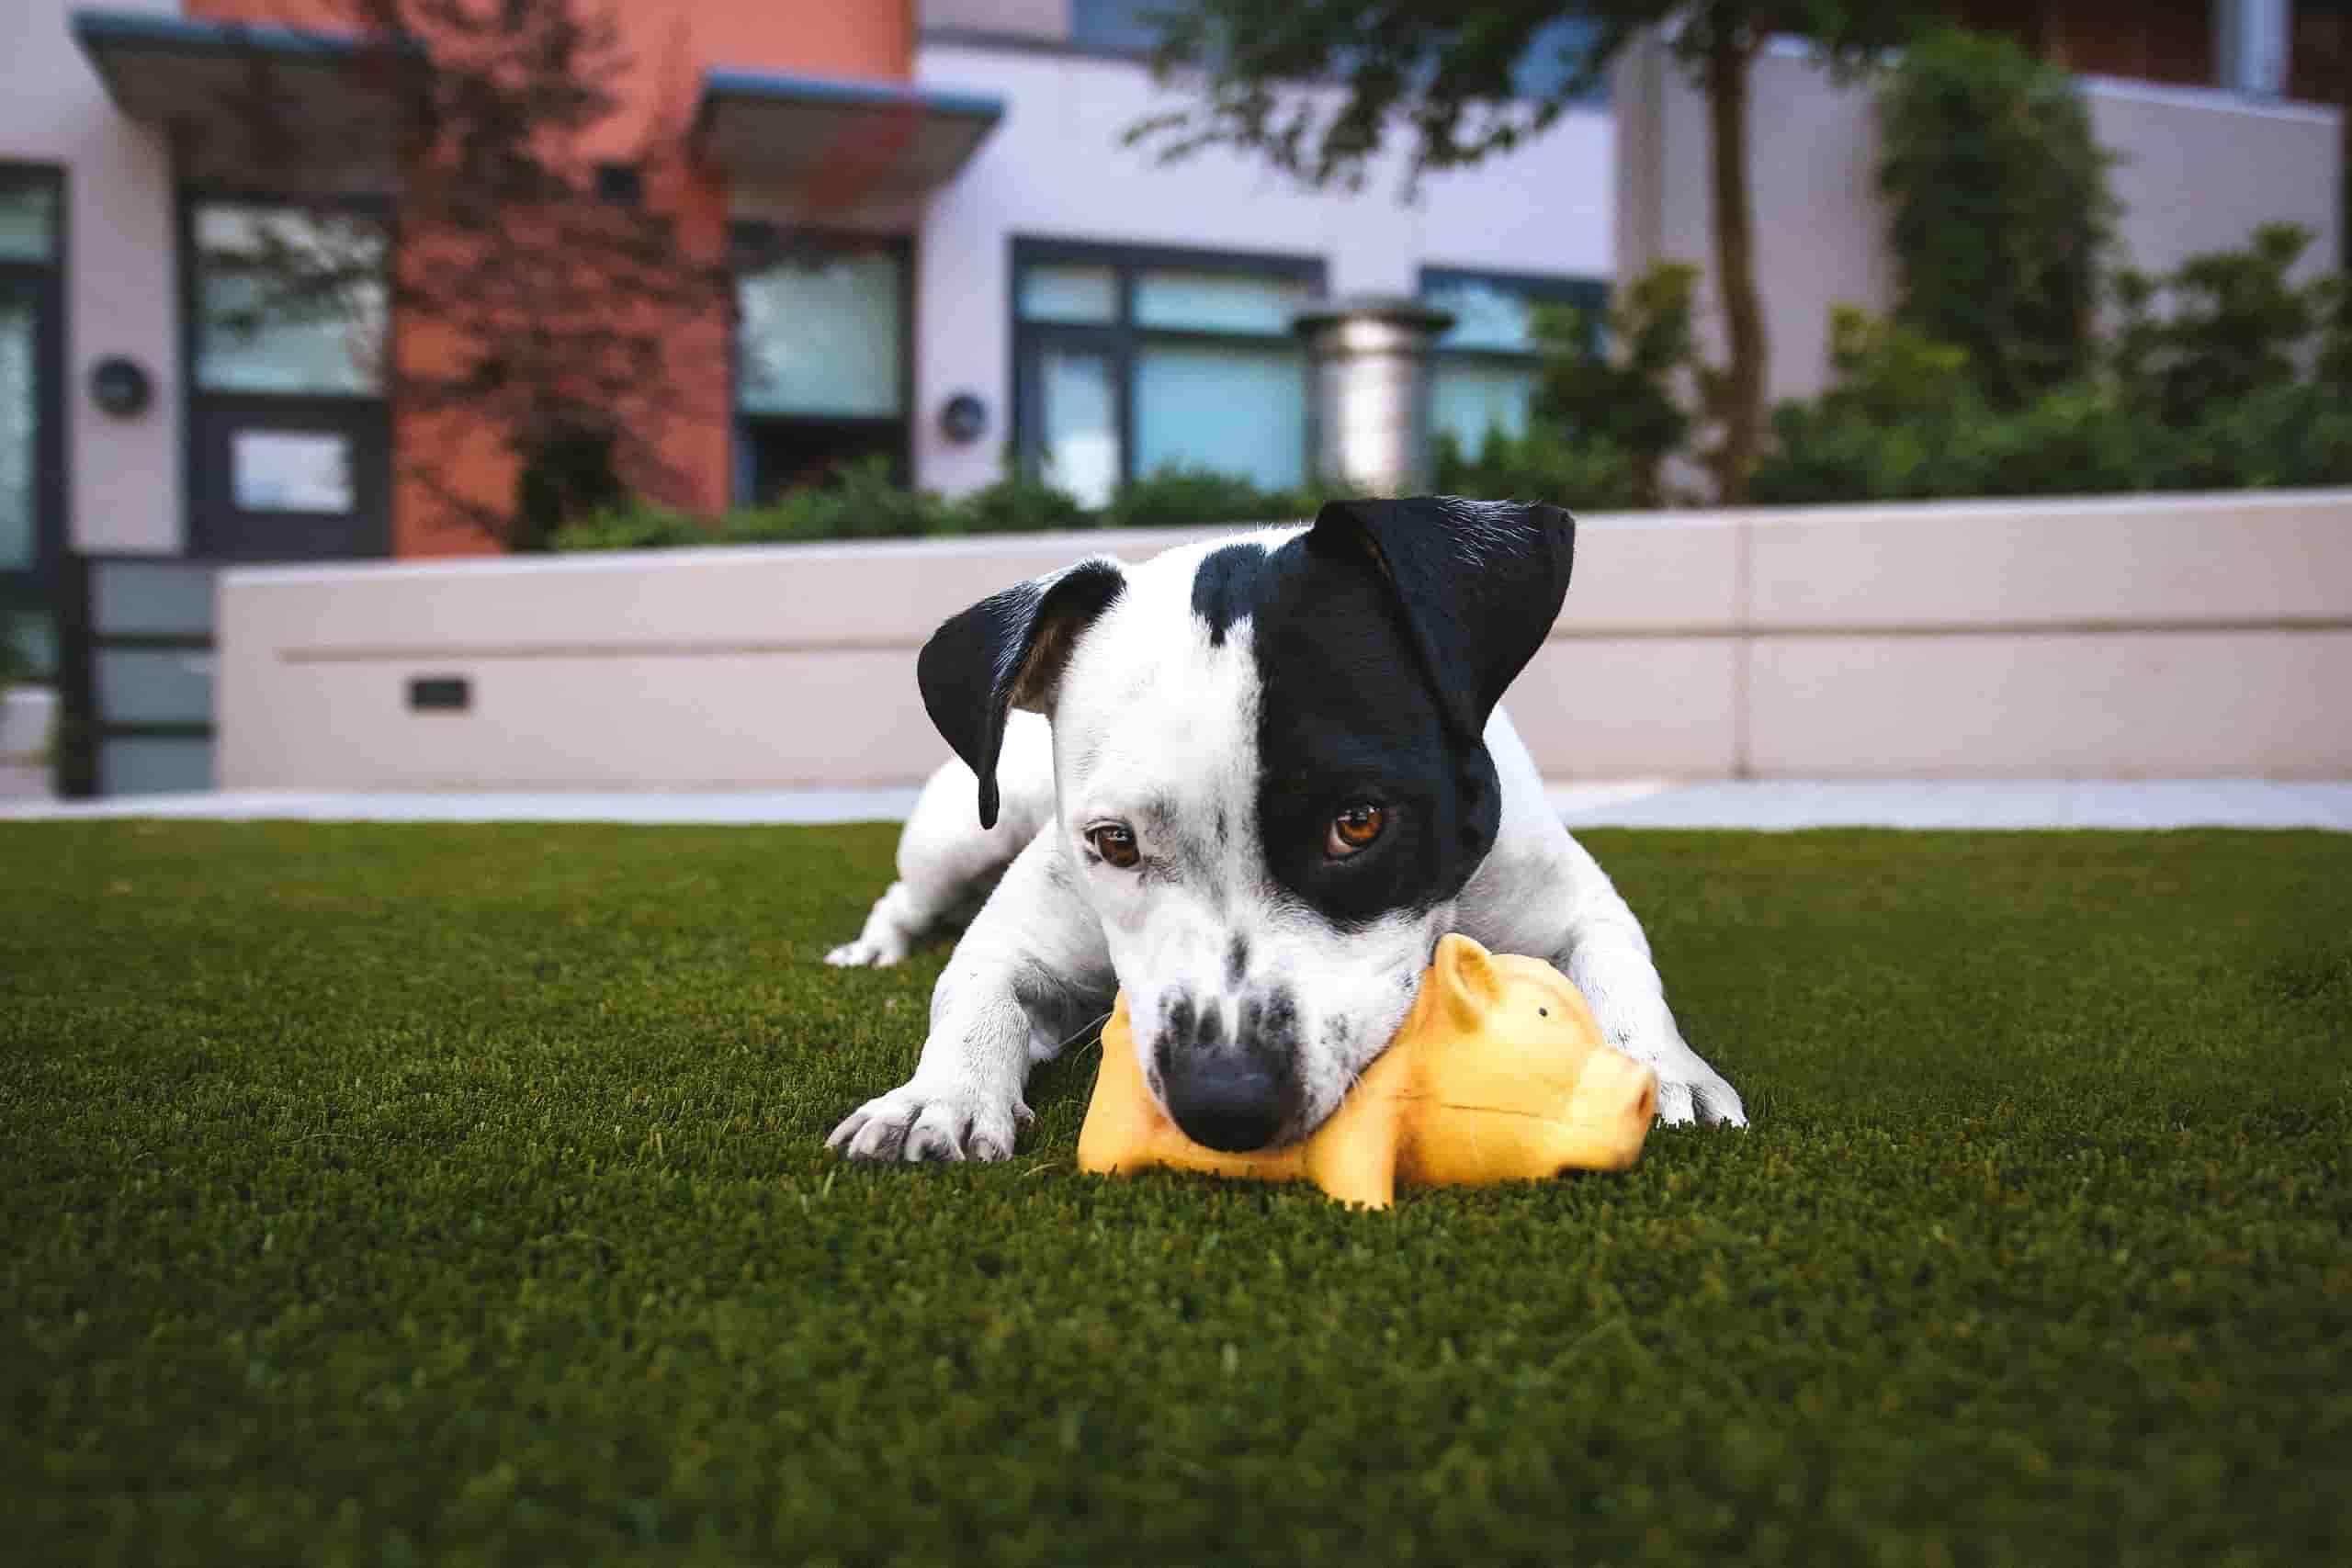 legetøj til hundehvalpe anbefalede produkter